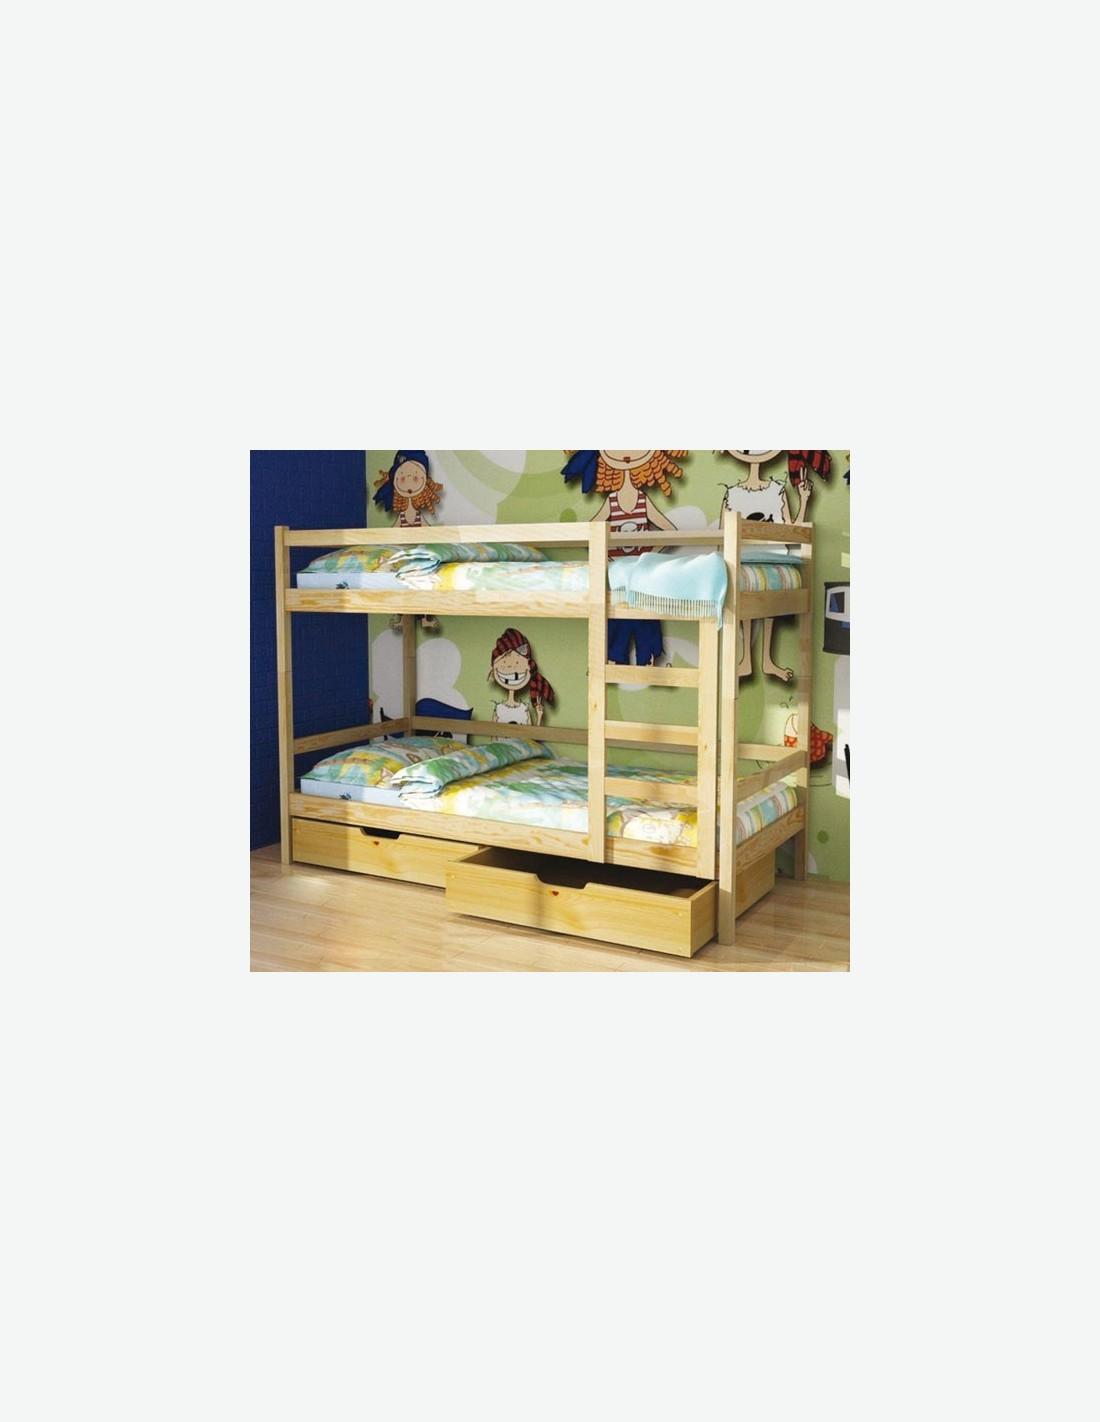 mobili bagno arte povera savini mobili convenienti on line arredo bagno prezzi piastrelle offerte